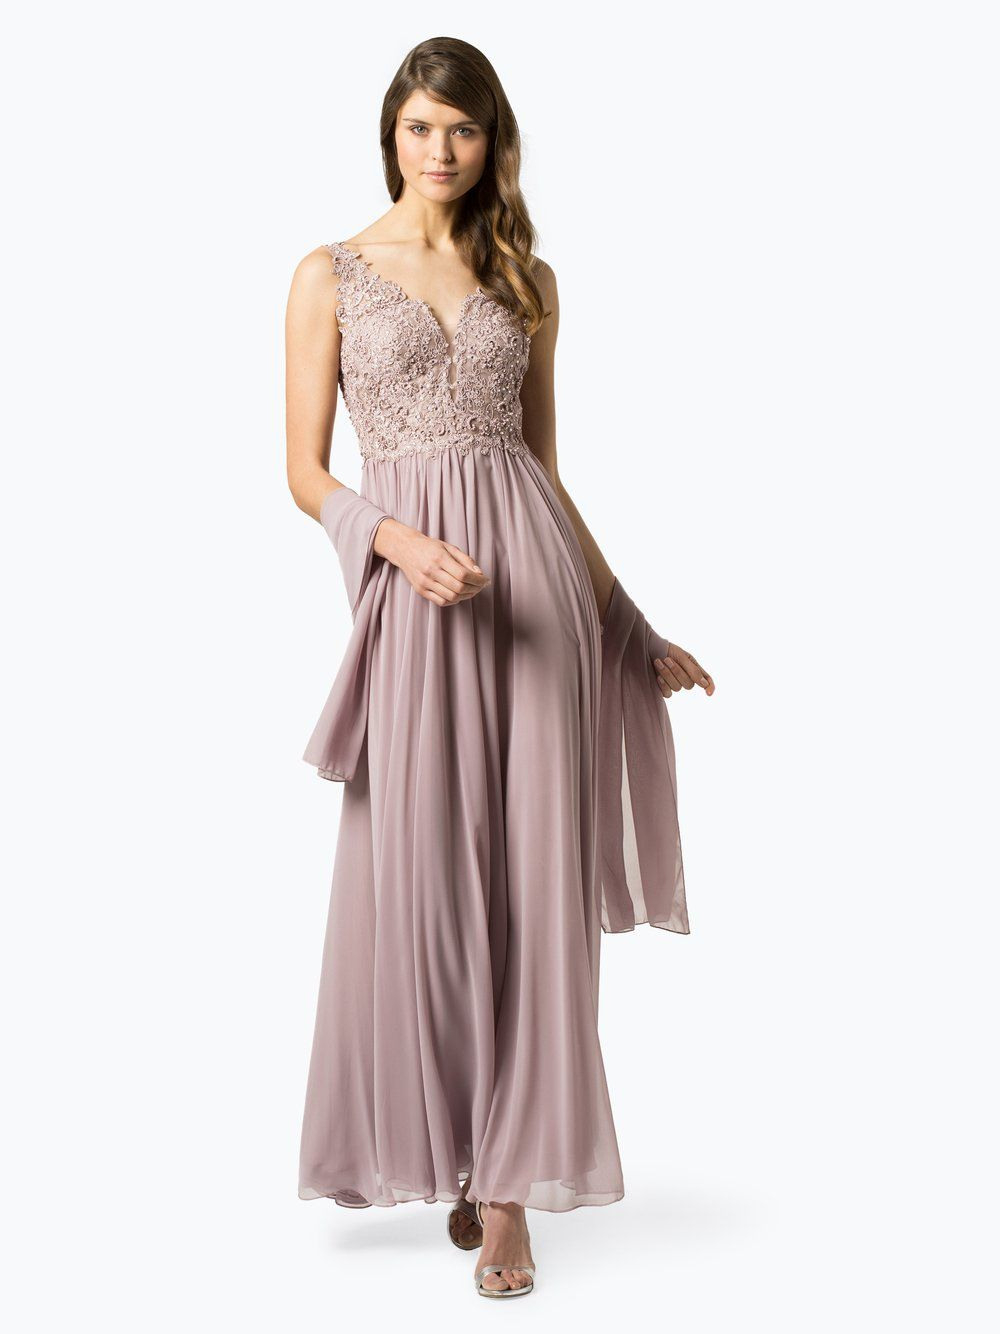 8 Perfekt Abendkleid Kaufen Online für 8 - Abendkleid